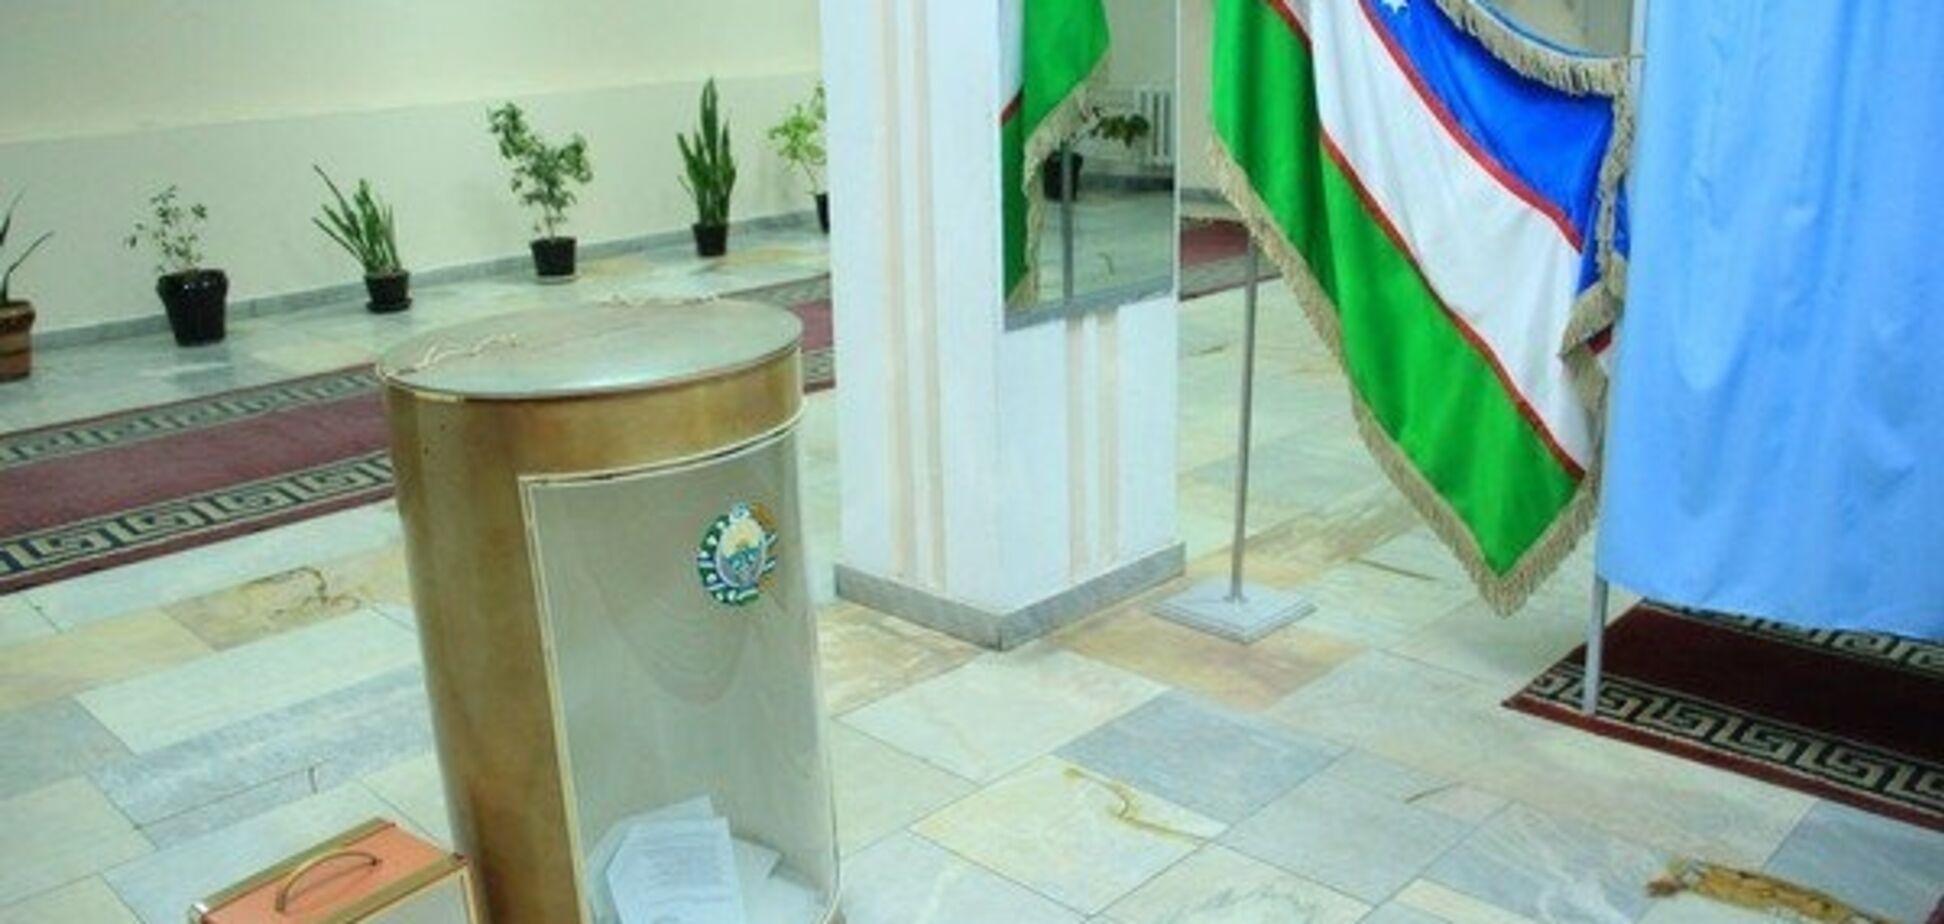 В Узбекистане назначили дату досрочных президентских выборов